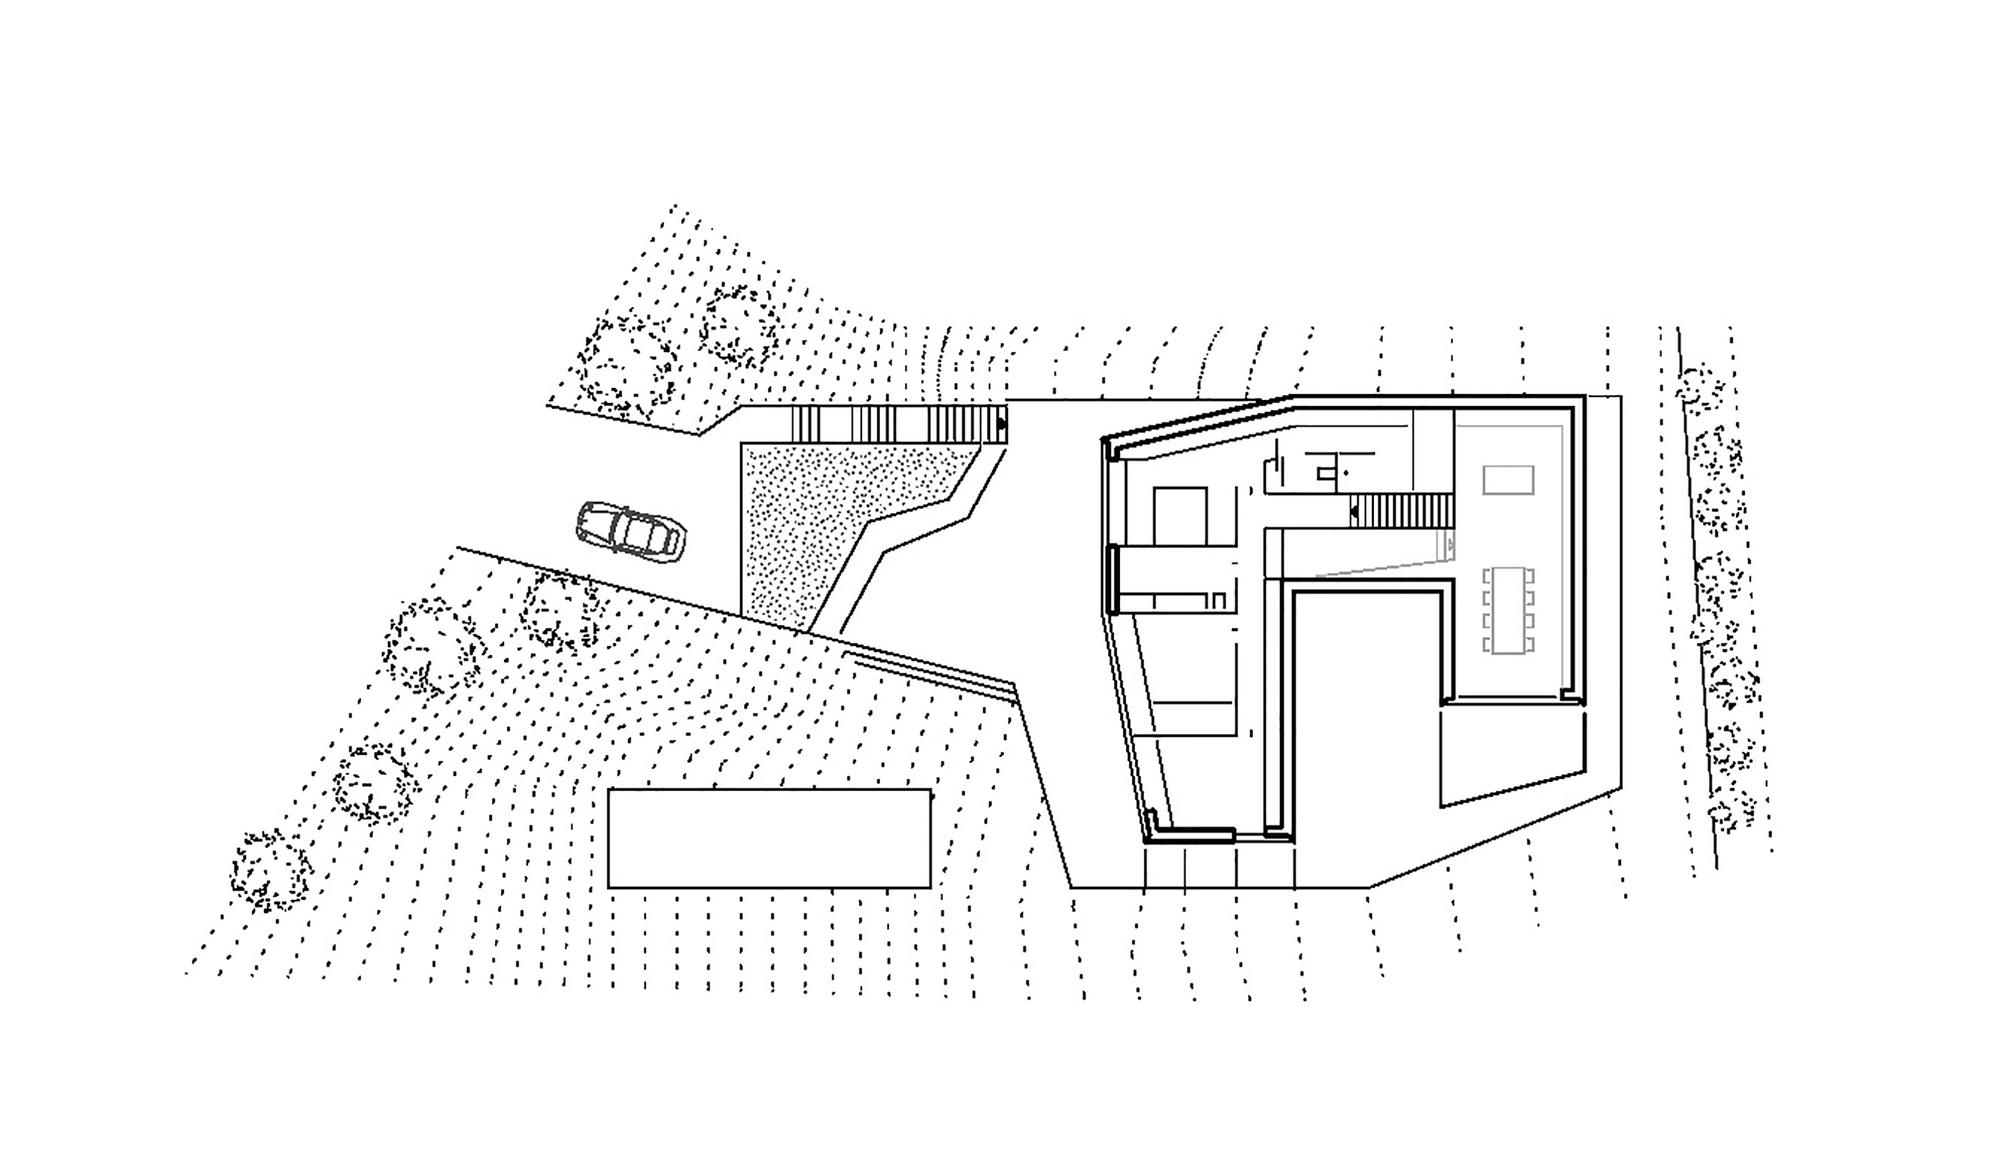 city villa s3 by steimle architekten 24 Villa S3 by Steimle Architekten